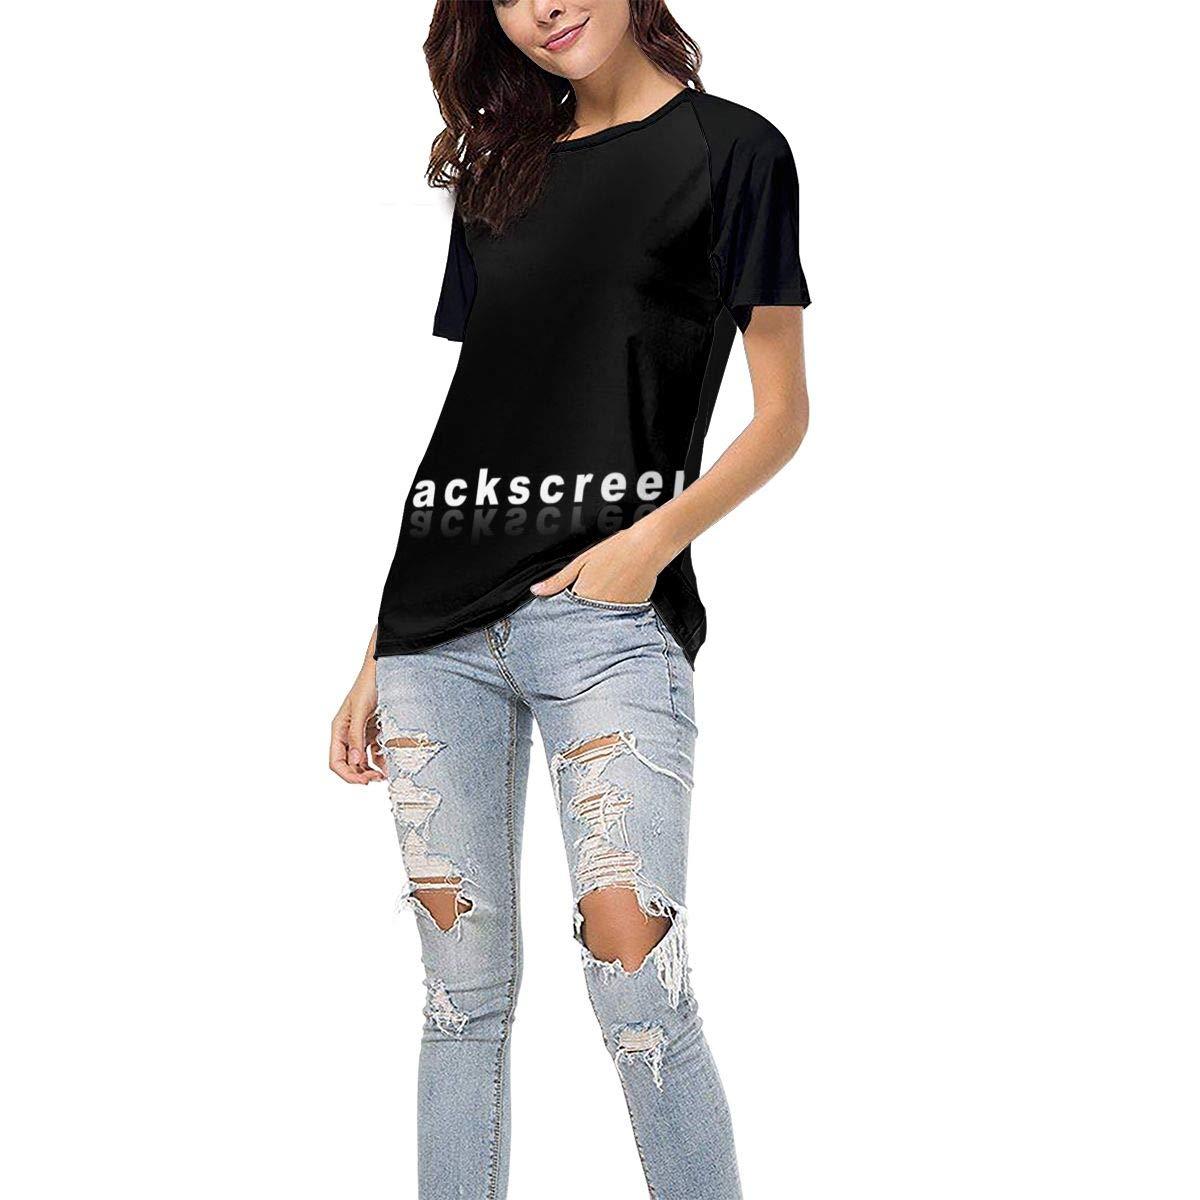 Laki-co Womens Summer Short Sleeve Blackscreen Casual Raglan Tee Baseball Tshirts Tops Blouse